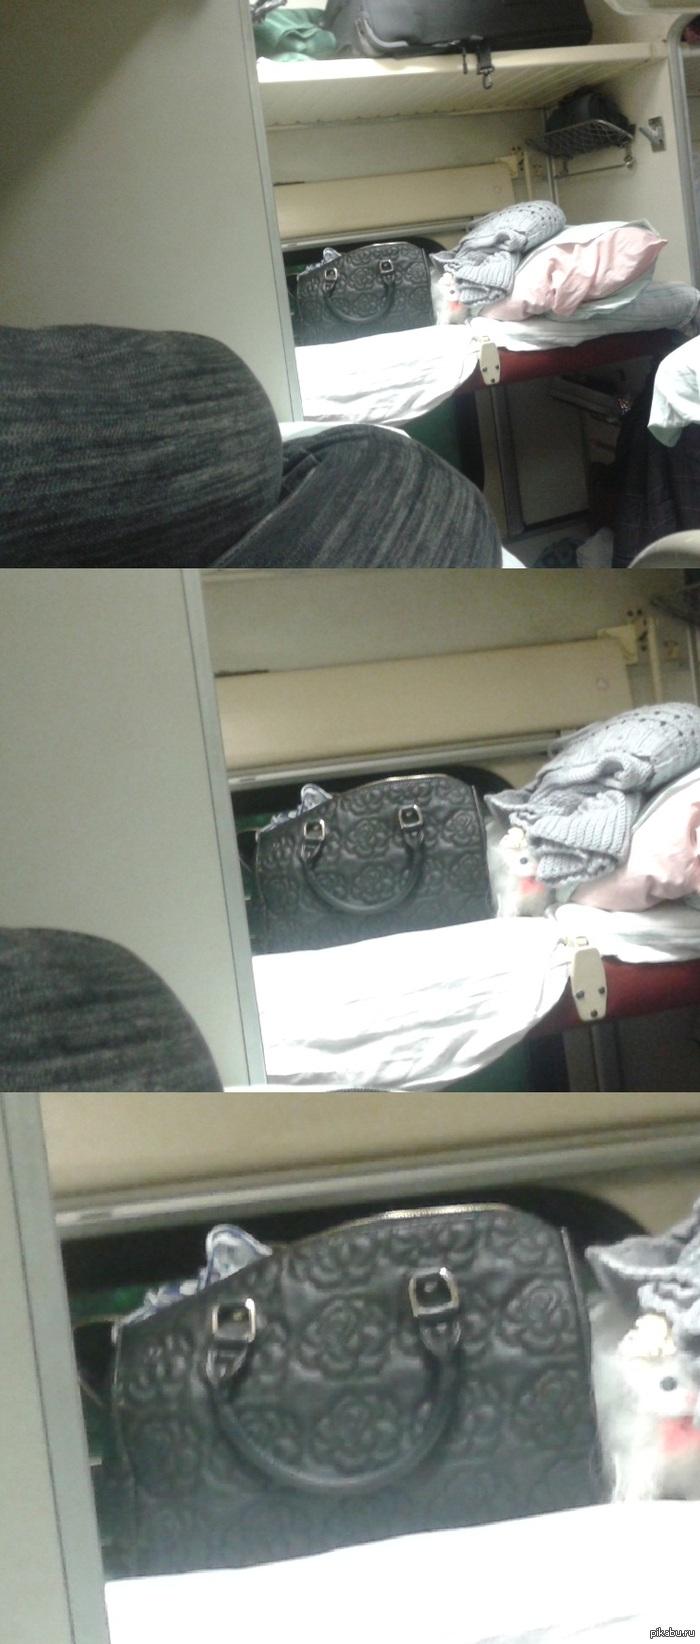 Ехал в поезде домой И весь вечер за мной наблюдала упоротая сумка